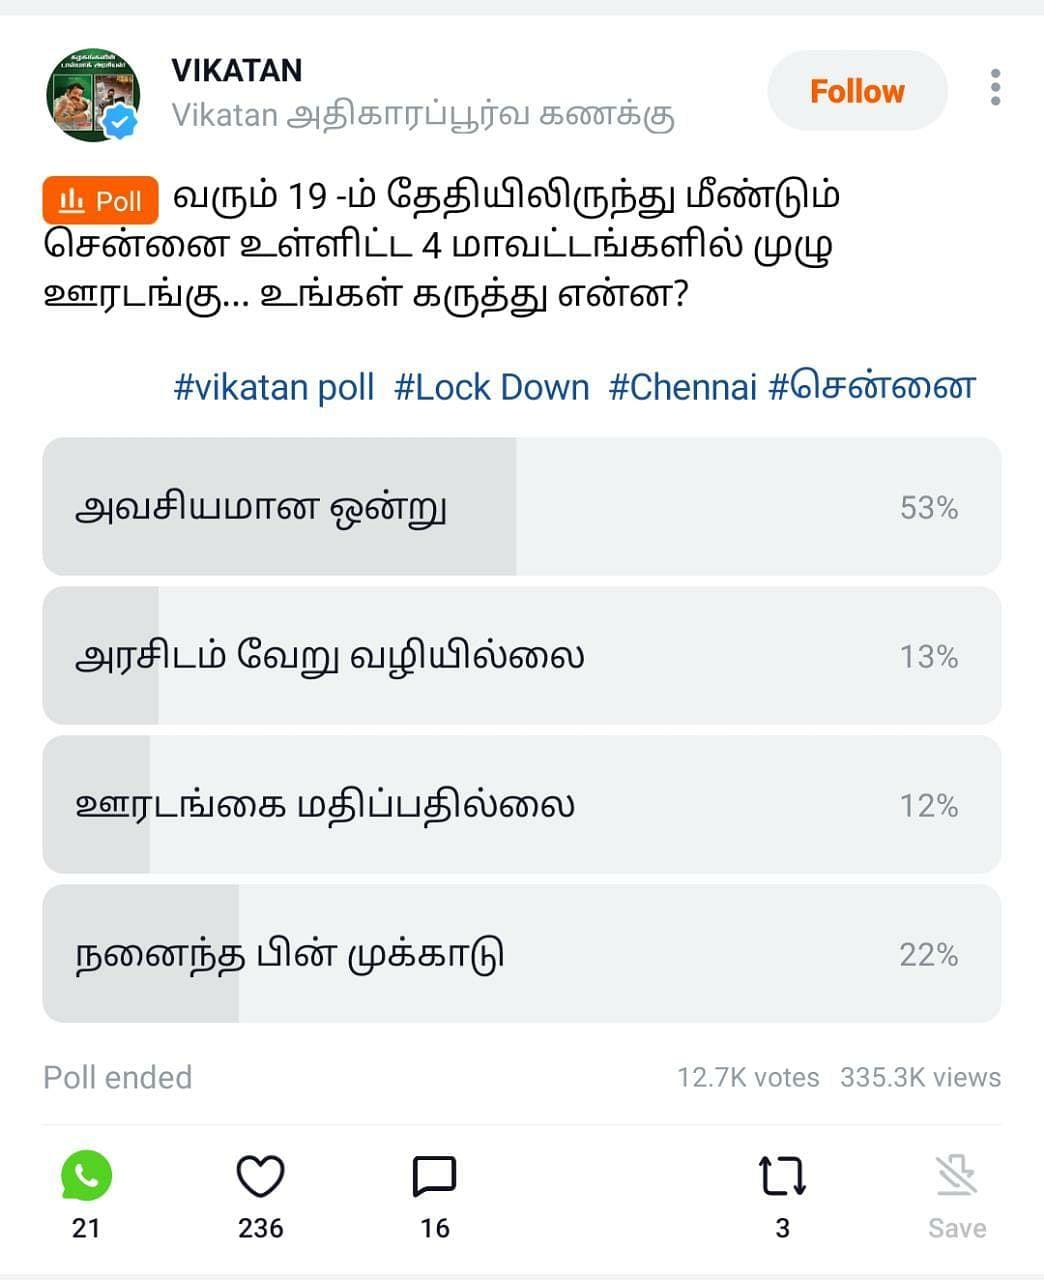 Chennai Lockdown | Vikatan Poll